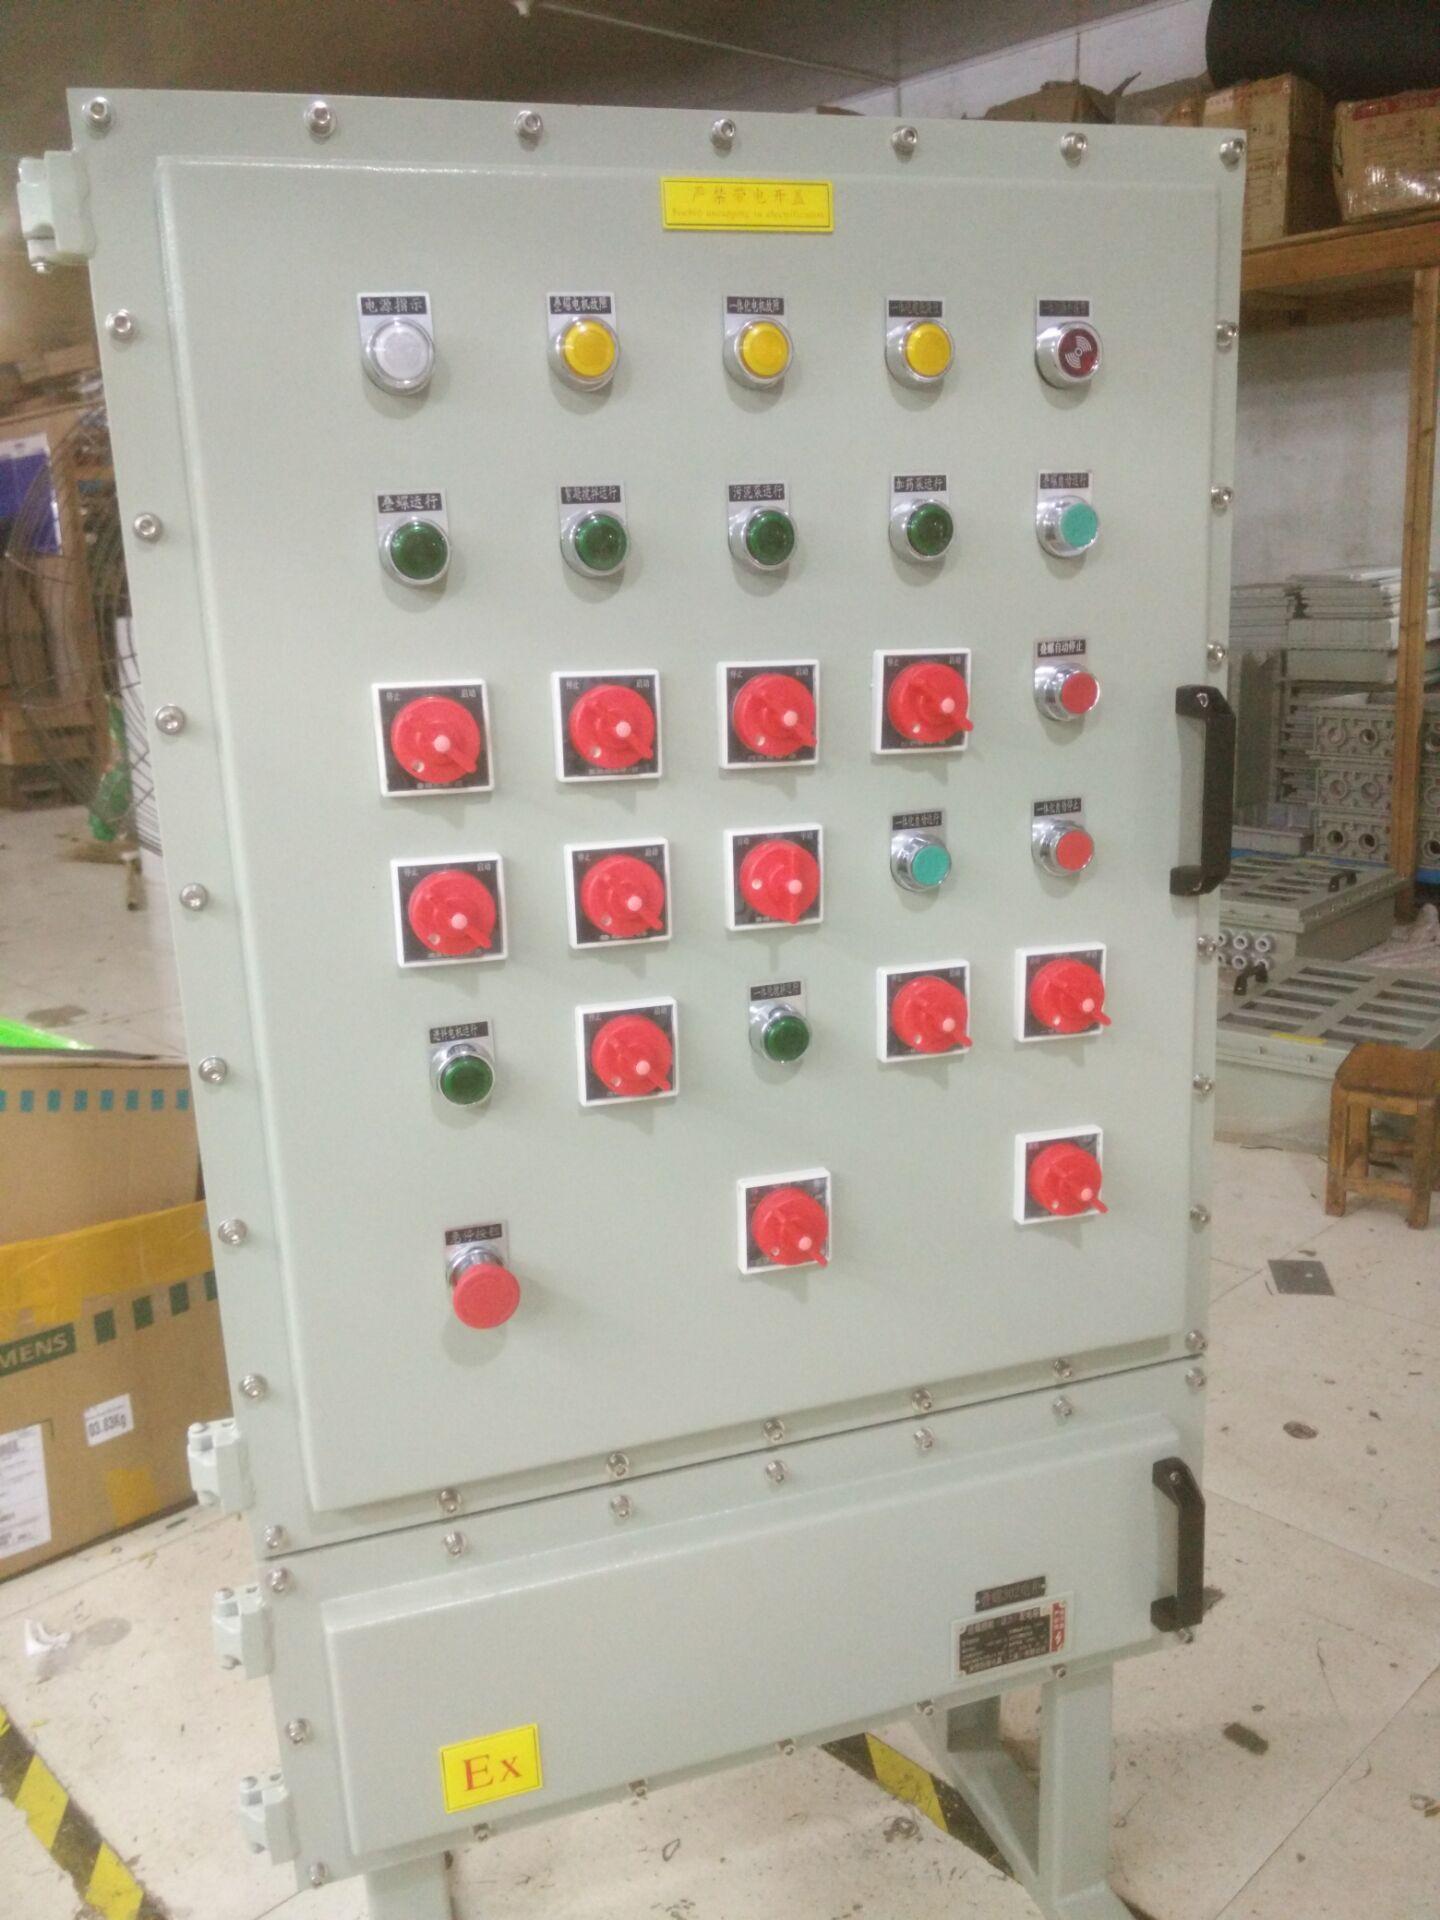 bdg58 鄂州市专业钢板焊接防爆动力配电柜厂家